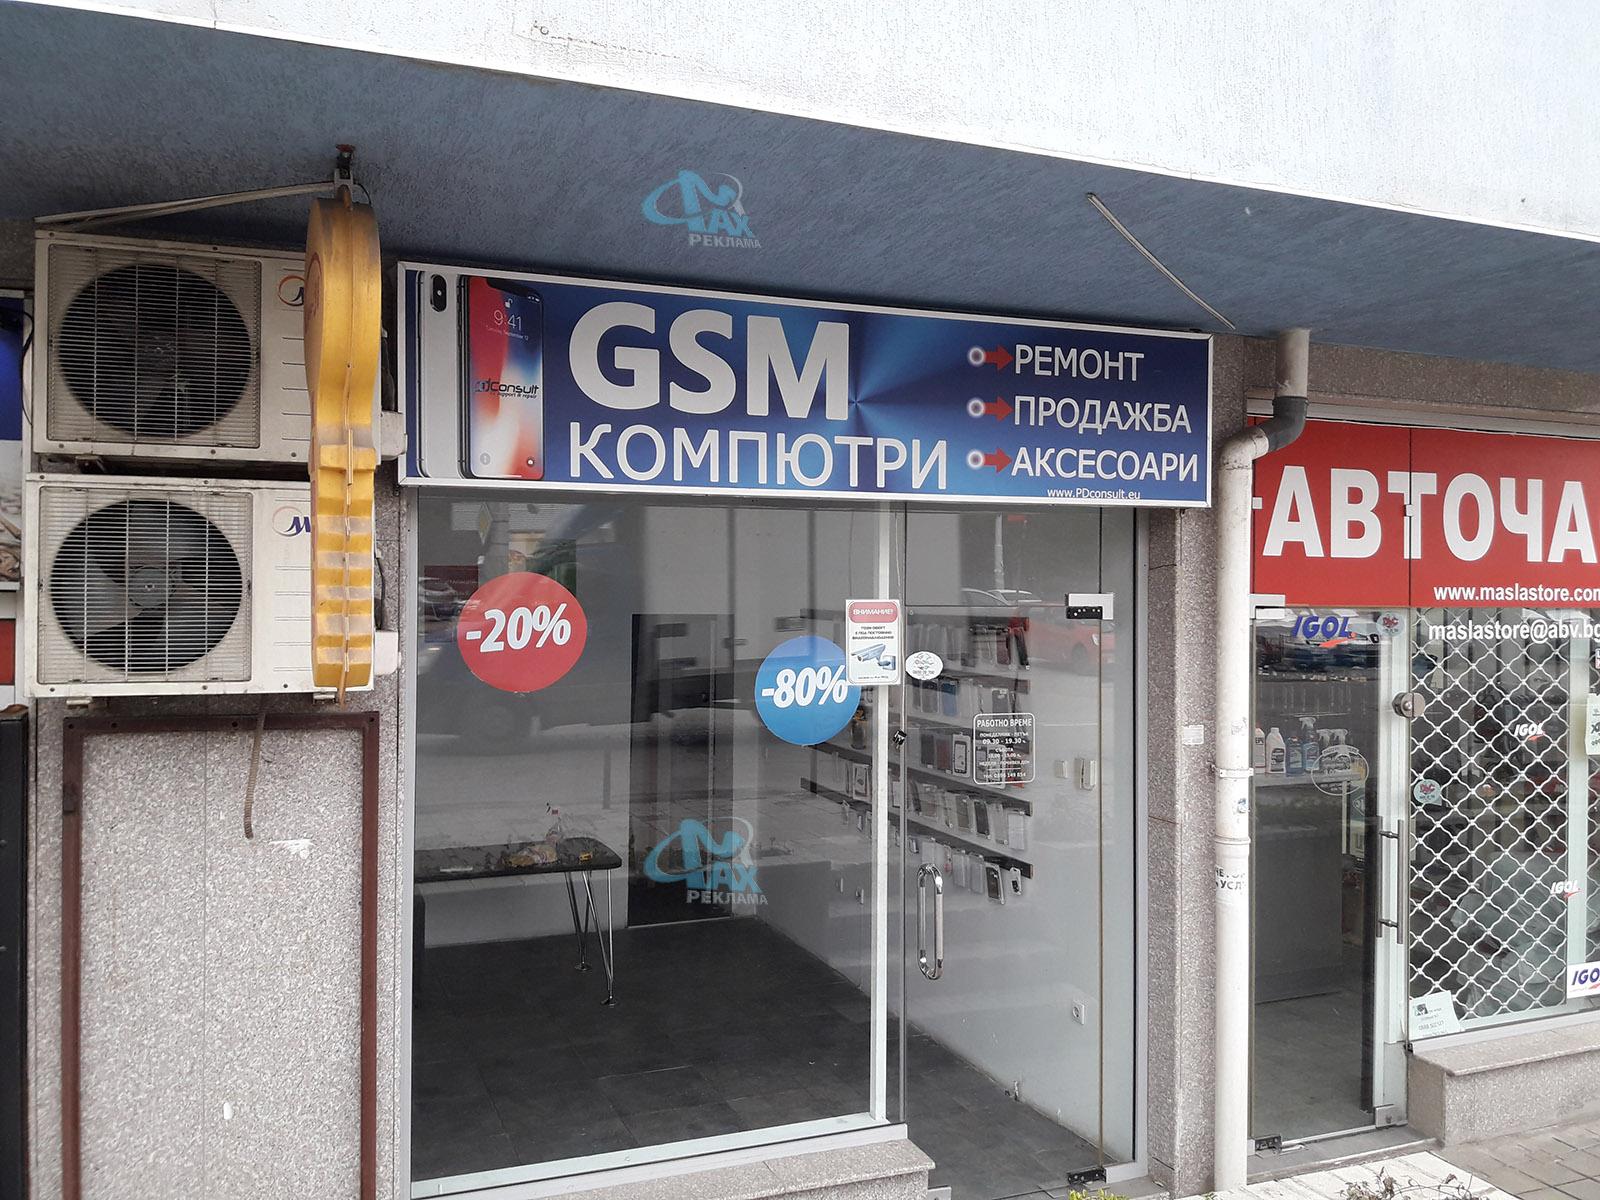 Рекламна табела - GSM